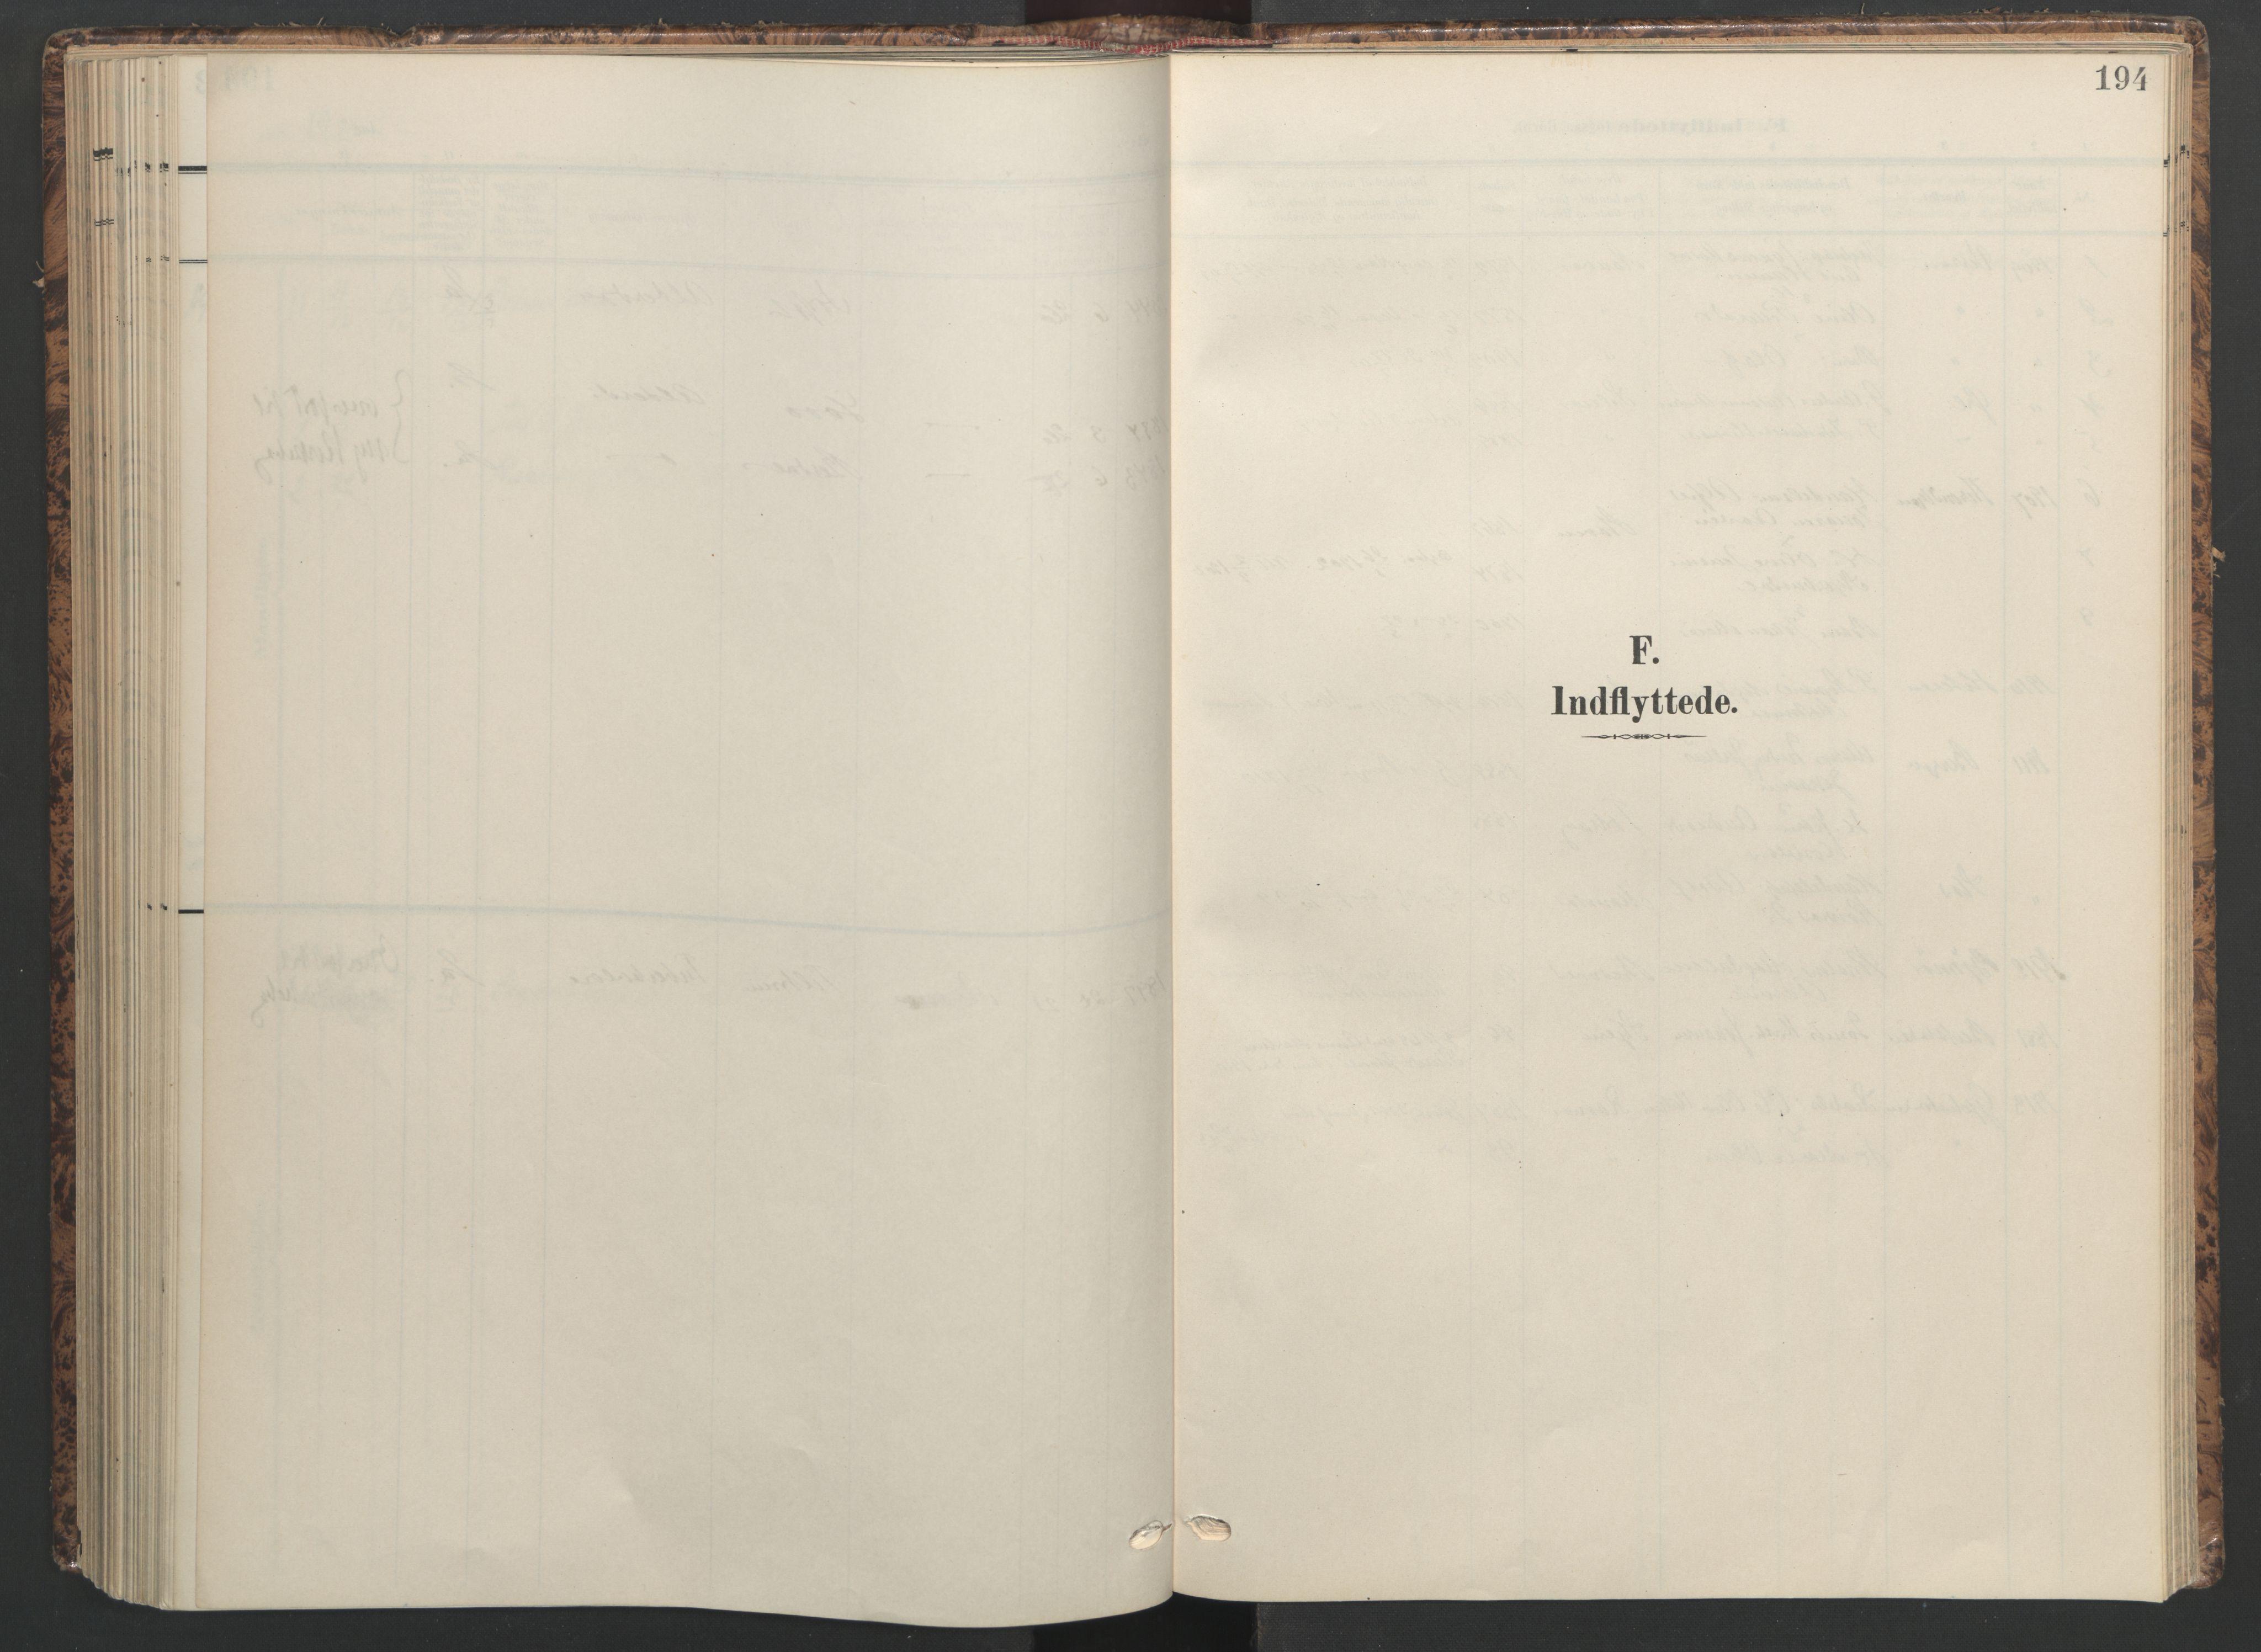 SAT, Ministerialprotokoller, klokkerbøker og fødselsregistre - Sør-Trøndelag, 655/L0682: Ministerialbok nr. 655A11, 1908-1922, s. 194